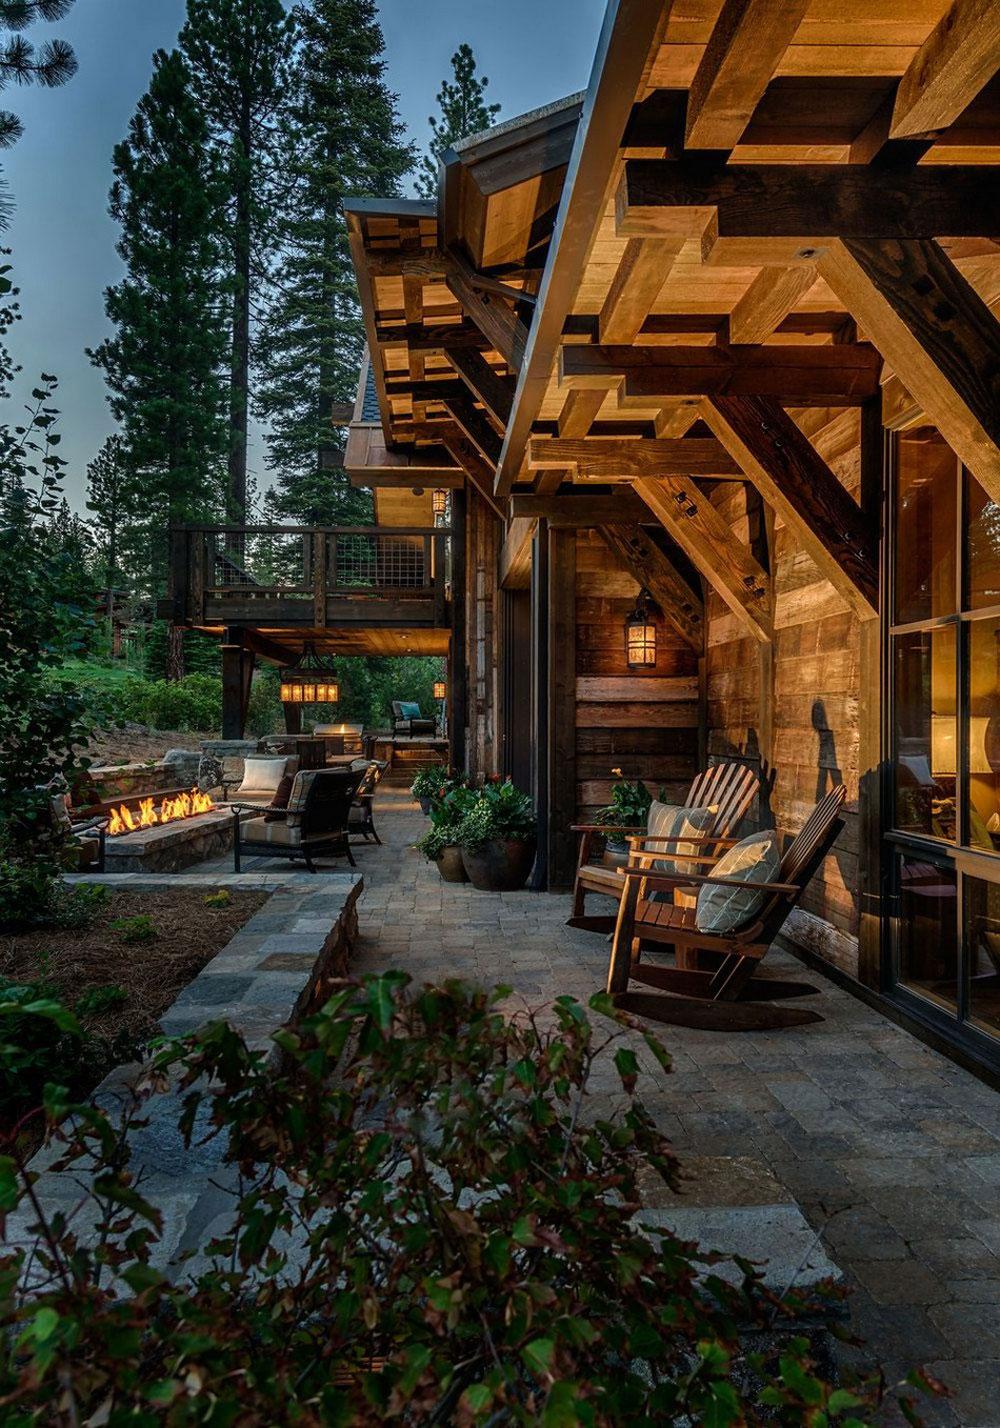 The impressive Austin cabin designed by Walton Architecture-2 The impressive Austin cabin designed by Walton Architecture